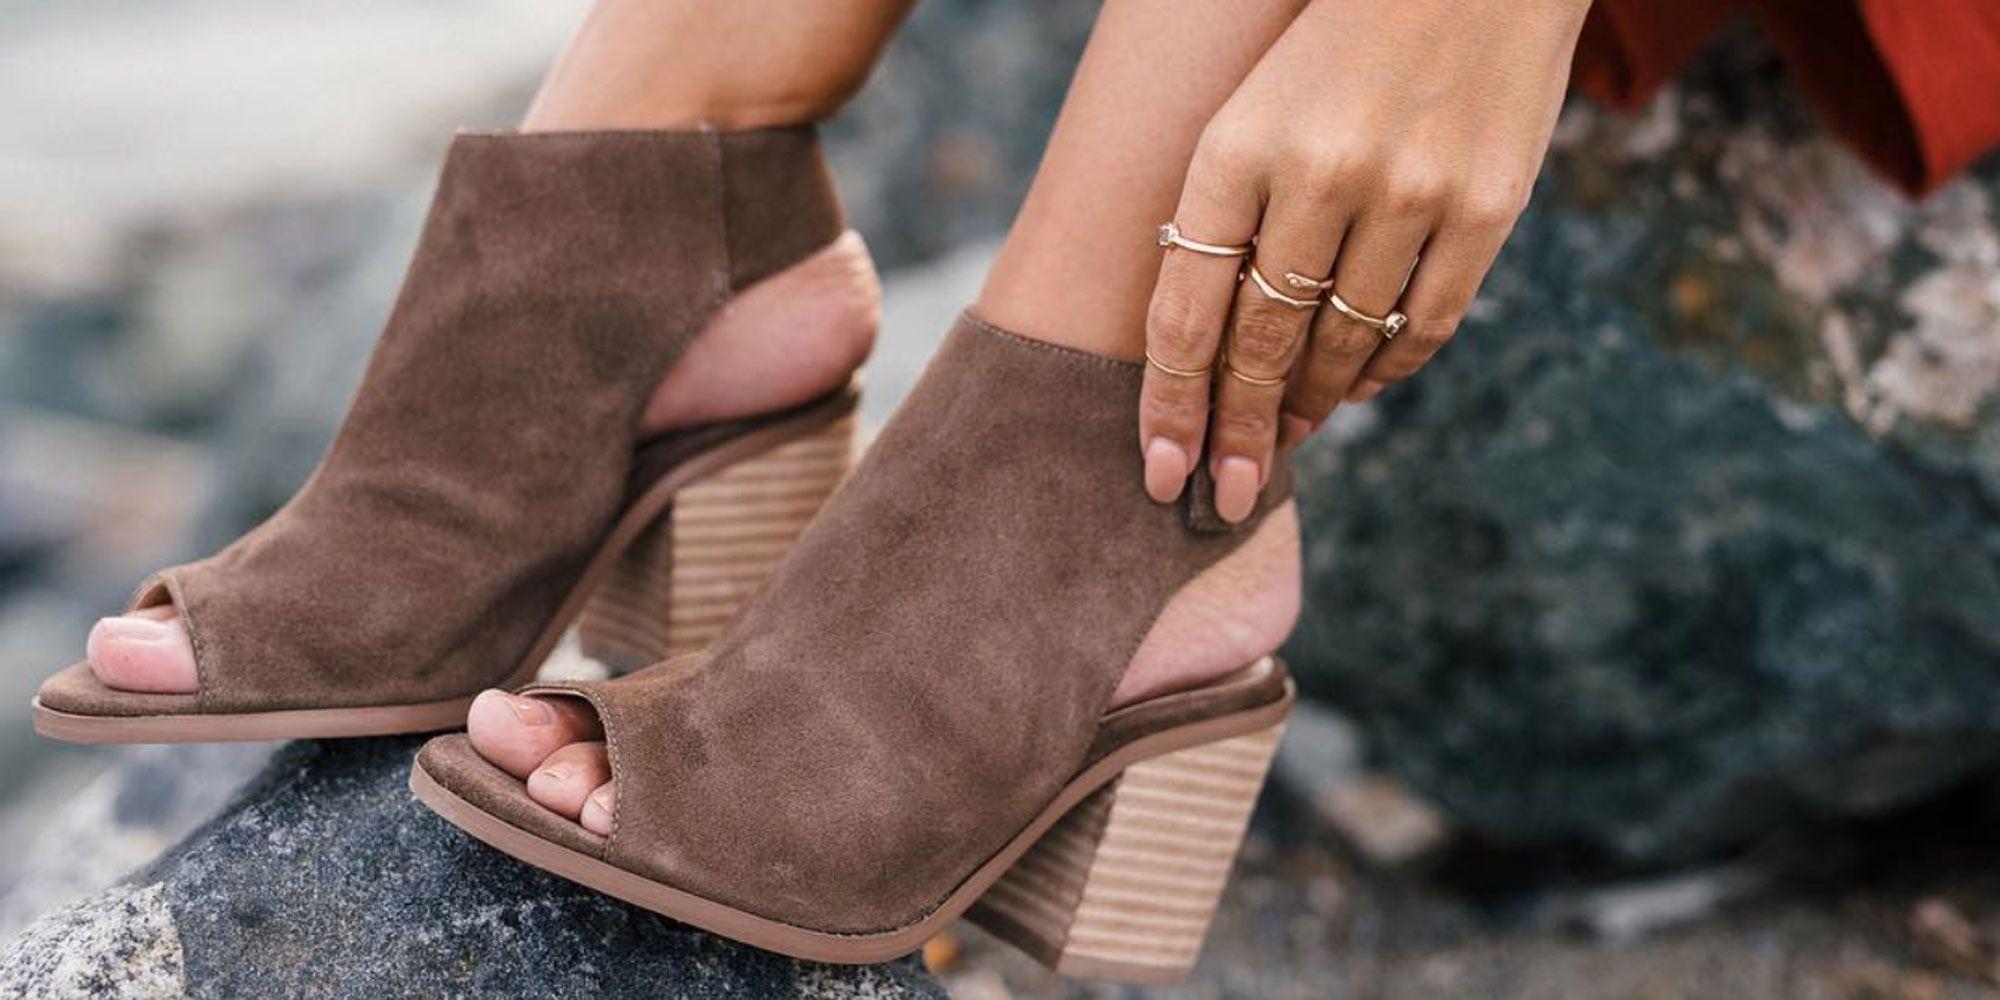 aedc826ce Fall Fashion – Fall Clothes You Love